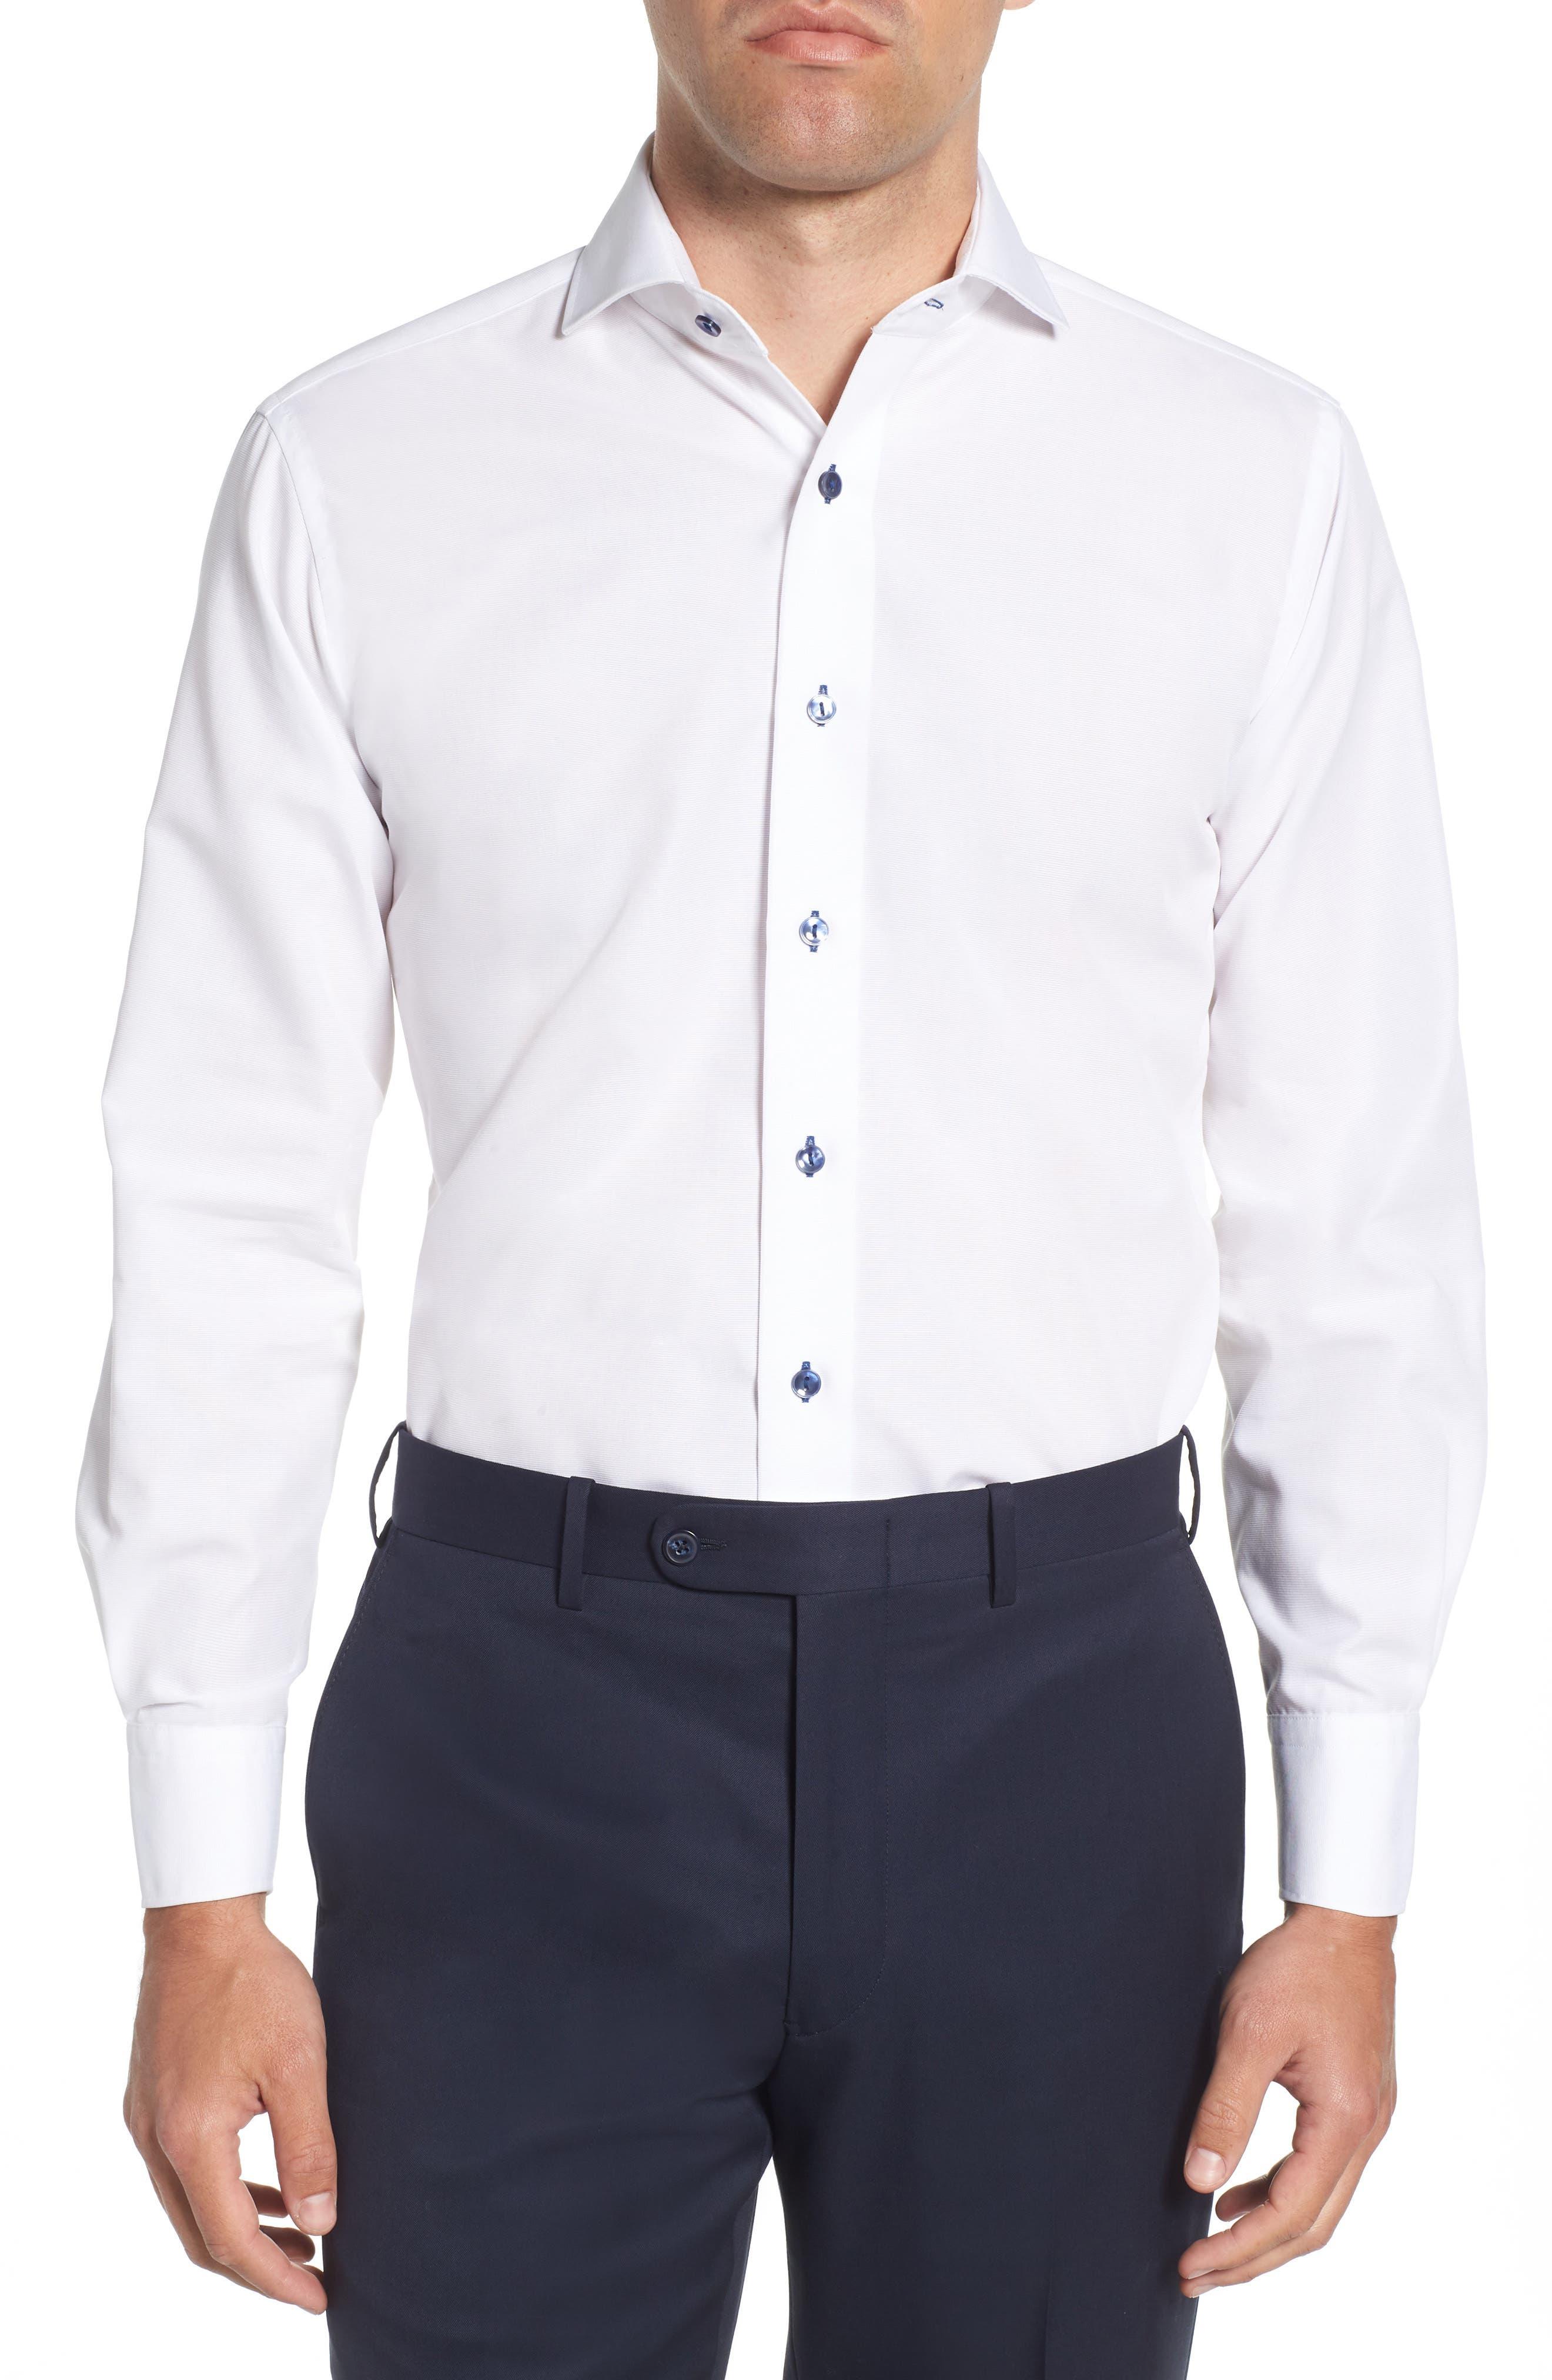 Trim Fit Solid Dress Shirt,                             Main thumbnail 1, color,                             100